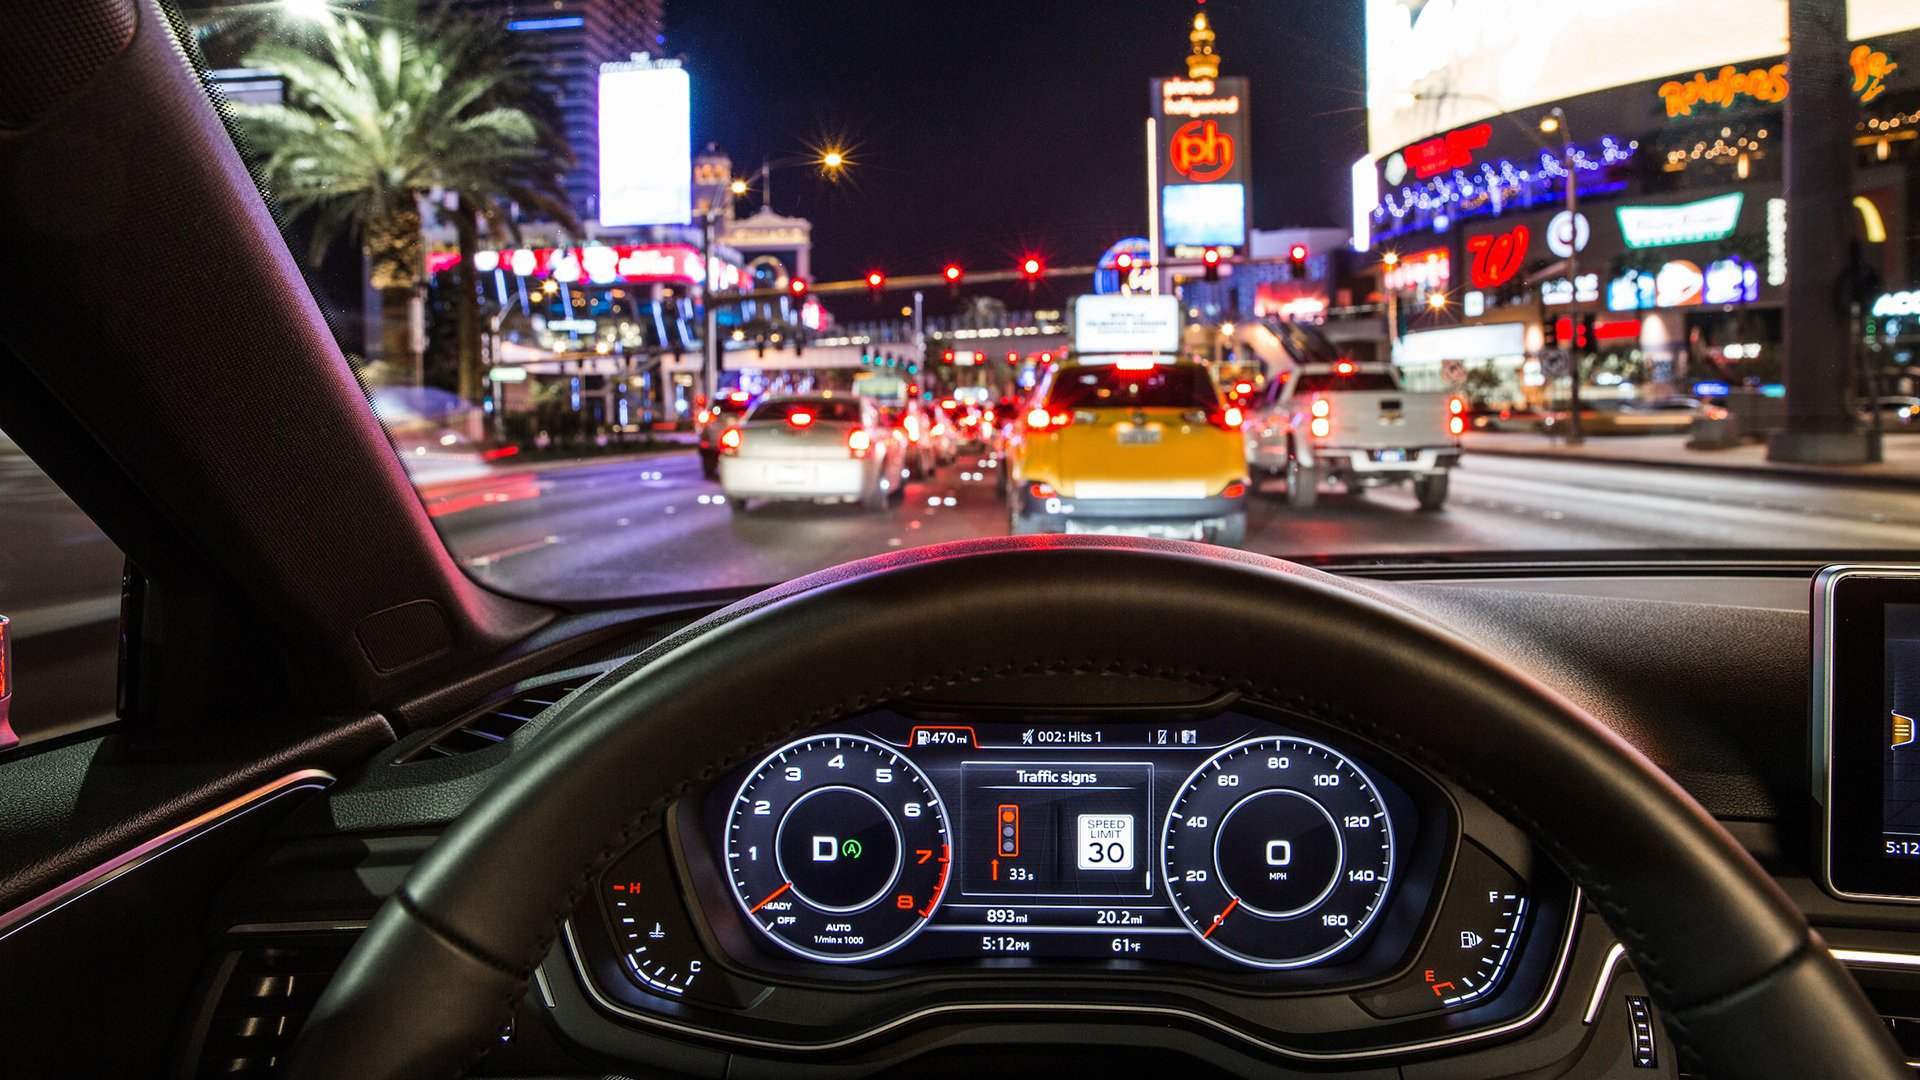 Audi hat die Car2X-Kommunikation mit intelligenten Ampelanlagen zuletzt in Las Vegas getestet. Deutlich zu erkennen ist das Ampelsymbol und die angezeigten Dauer des Rotlichtphase.